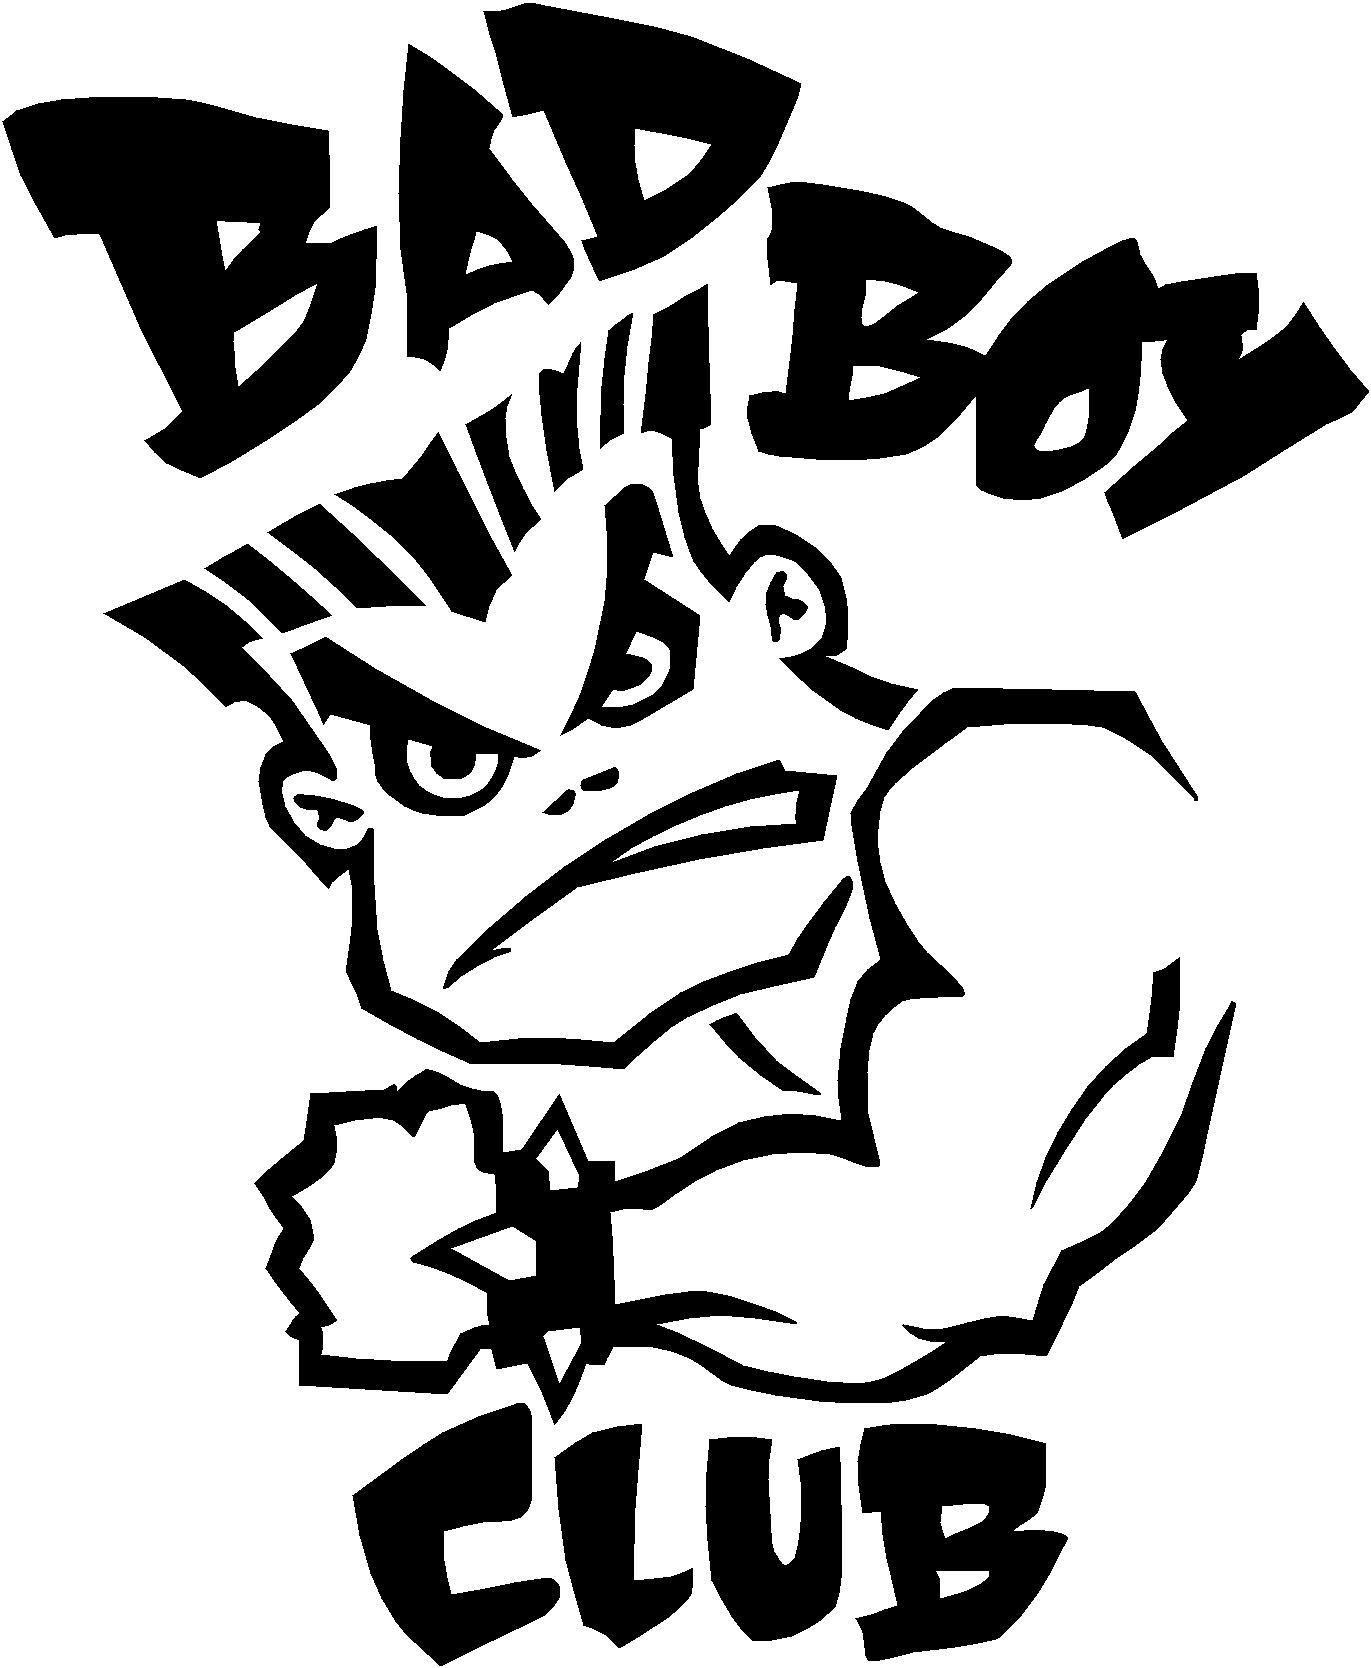 Bad Boy Club Logo Sticker